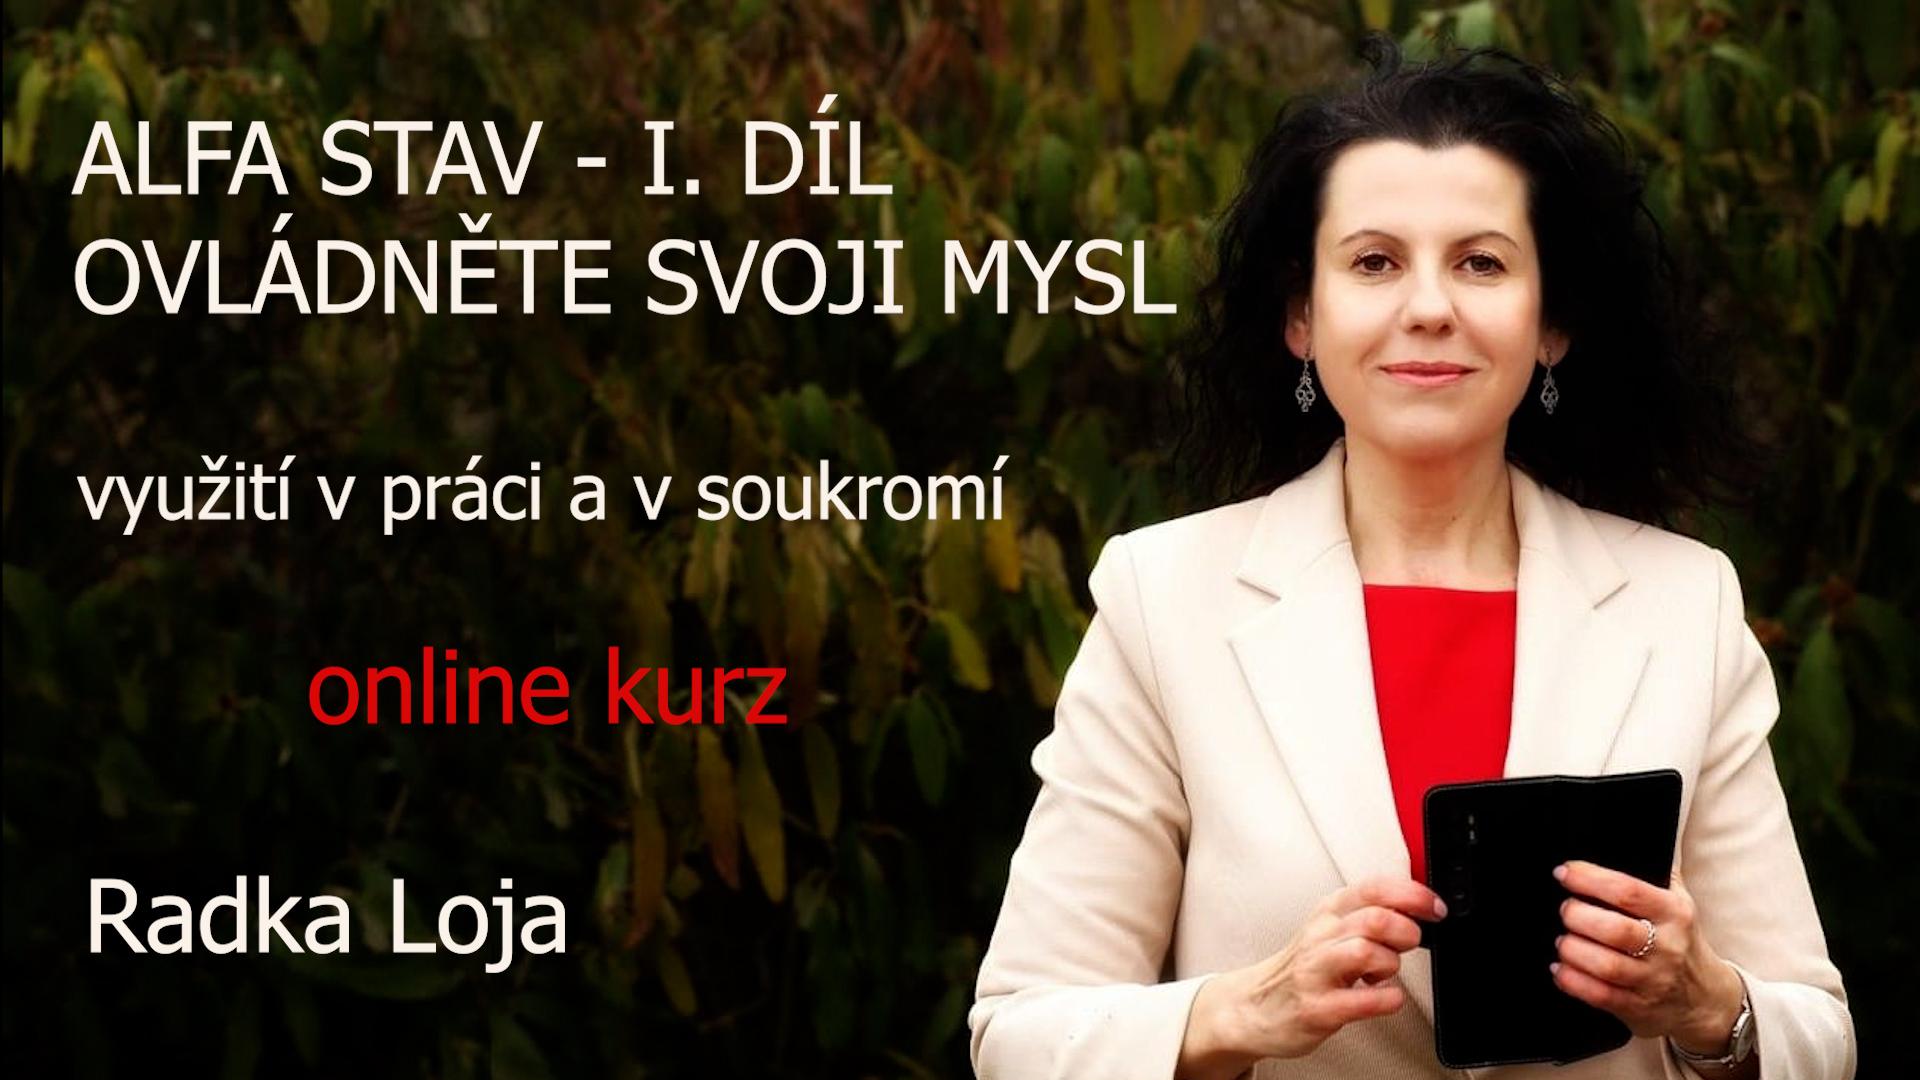 Radka Loja